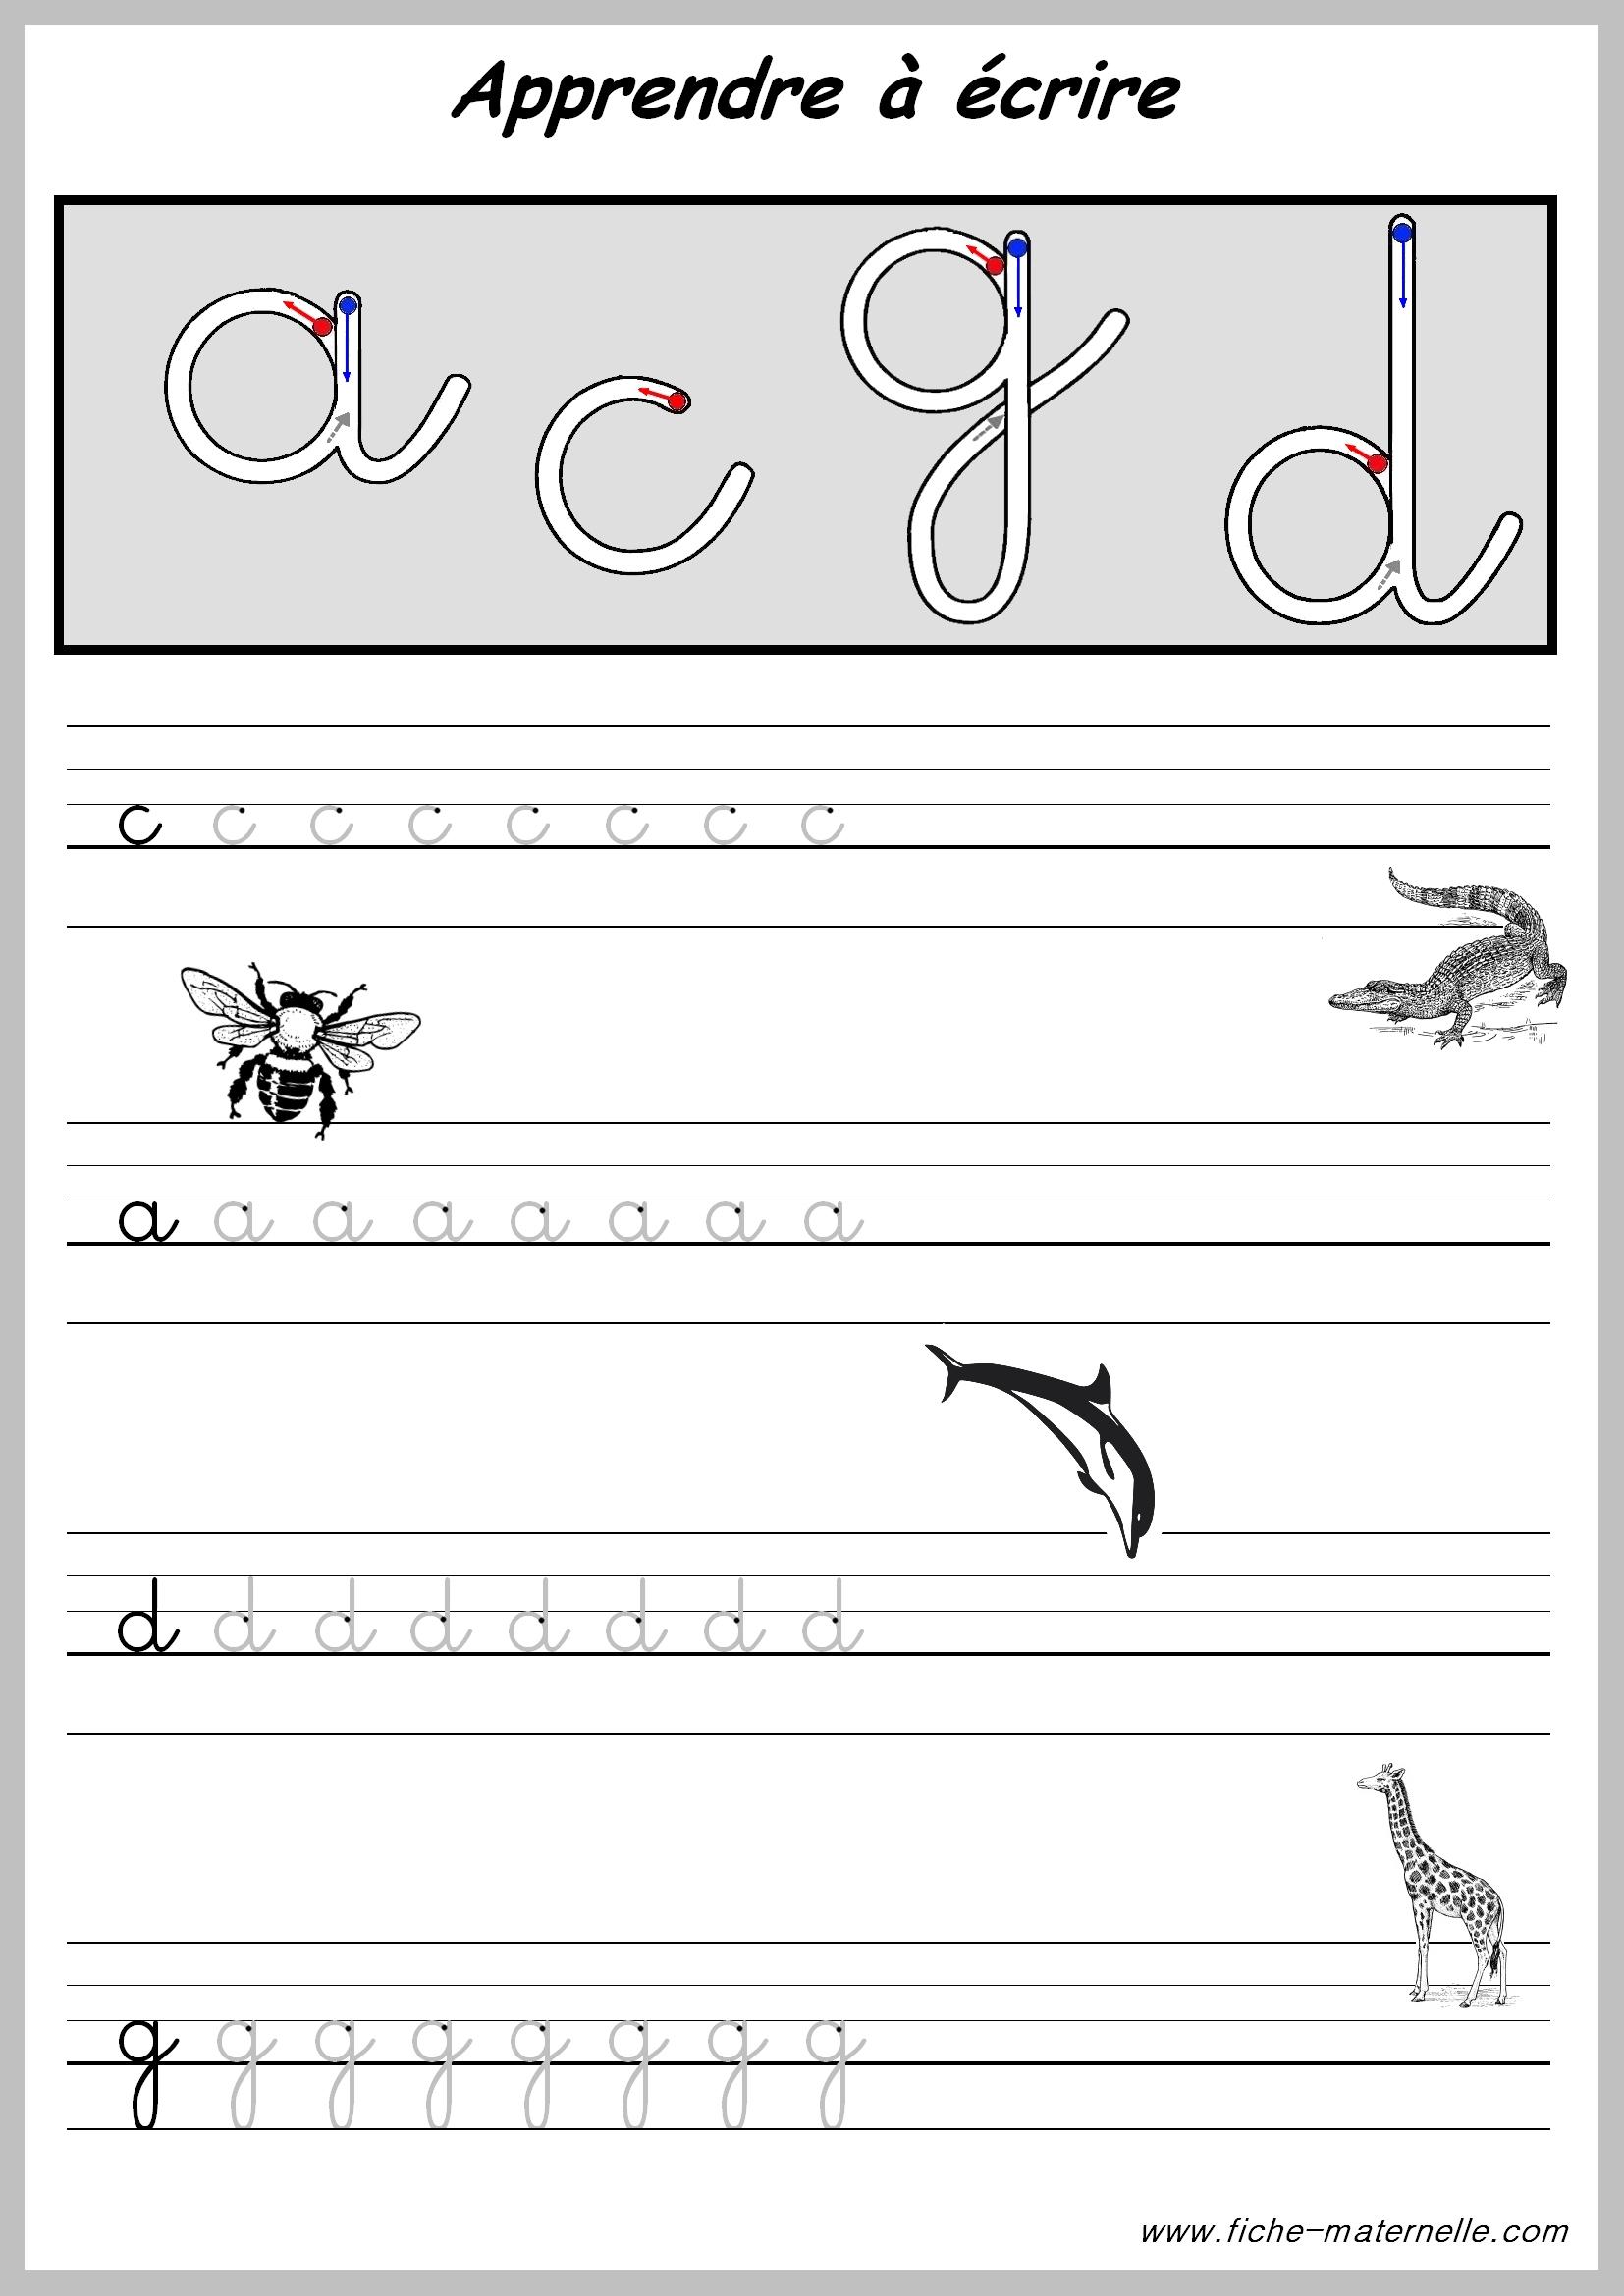 Exercices Pour Apprendre A Ecrire. concernant J Apprend L Alphabet Maternelle